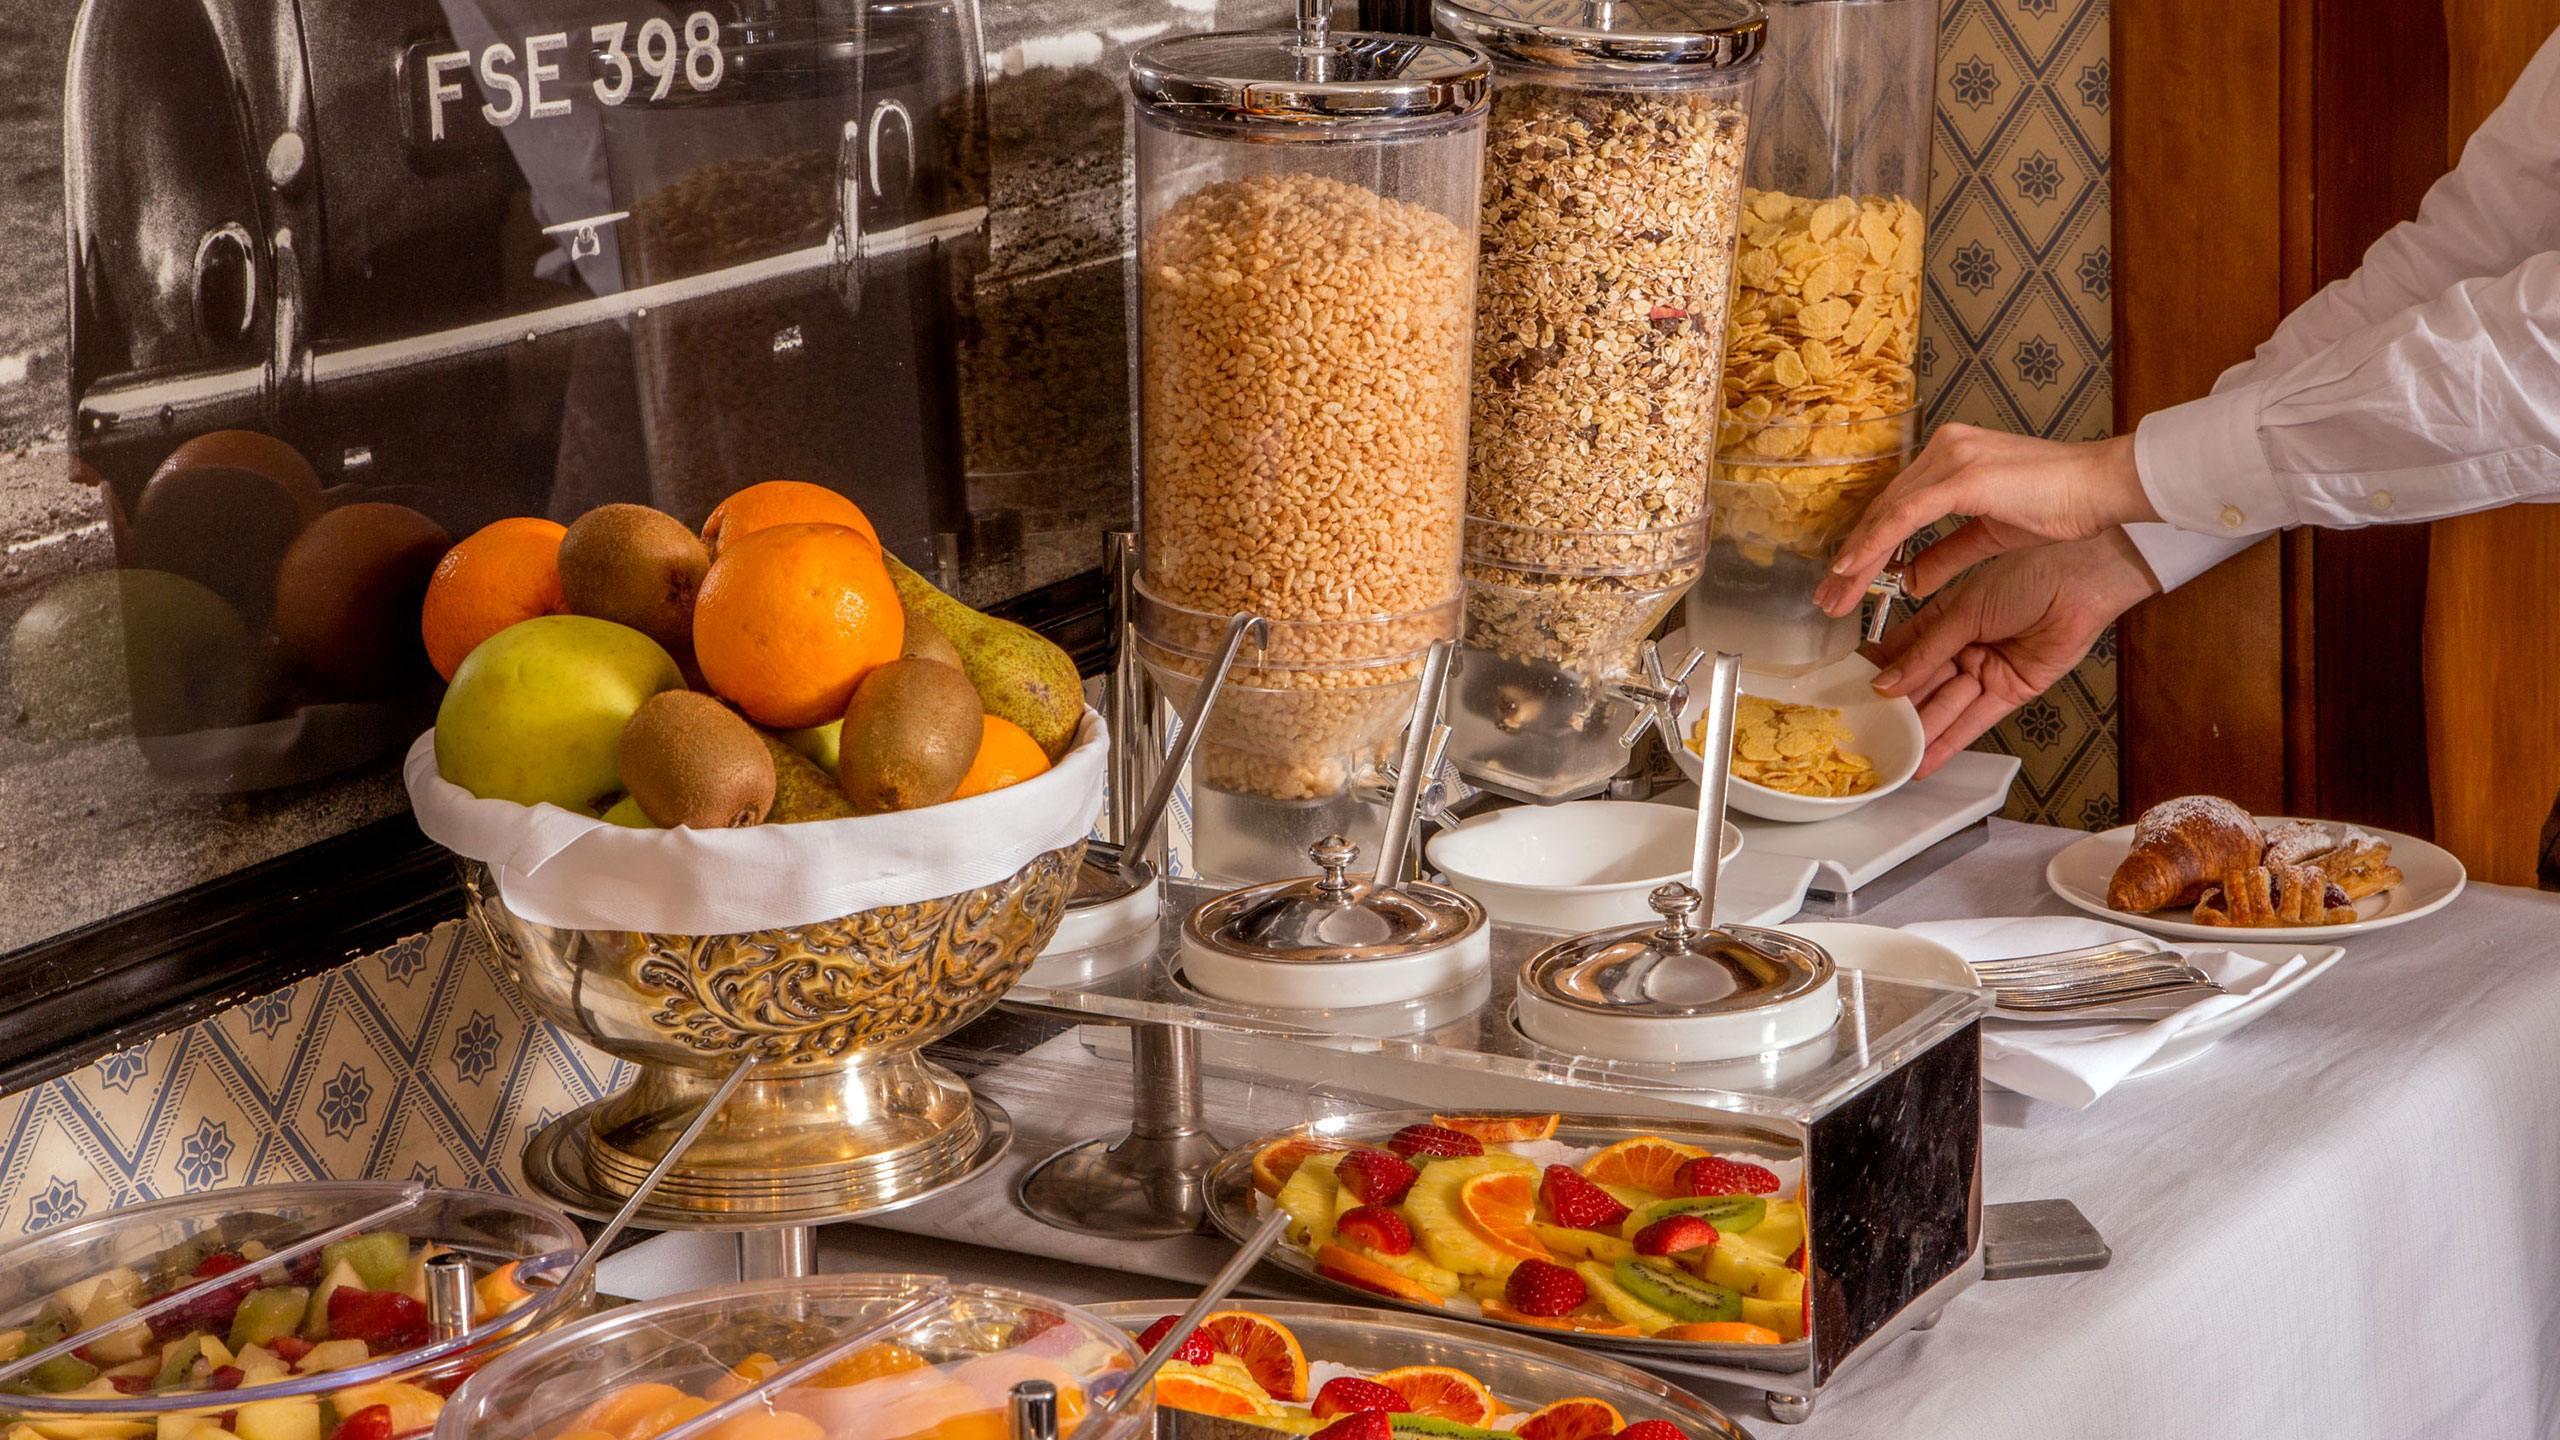 albergo-ottocento-roma-colazione-06